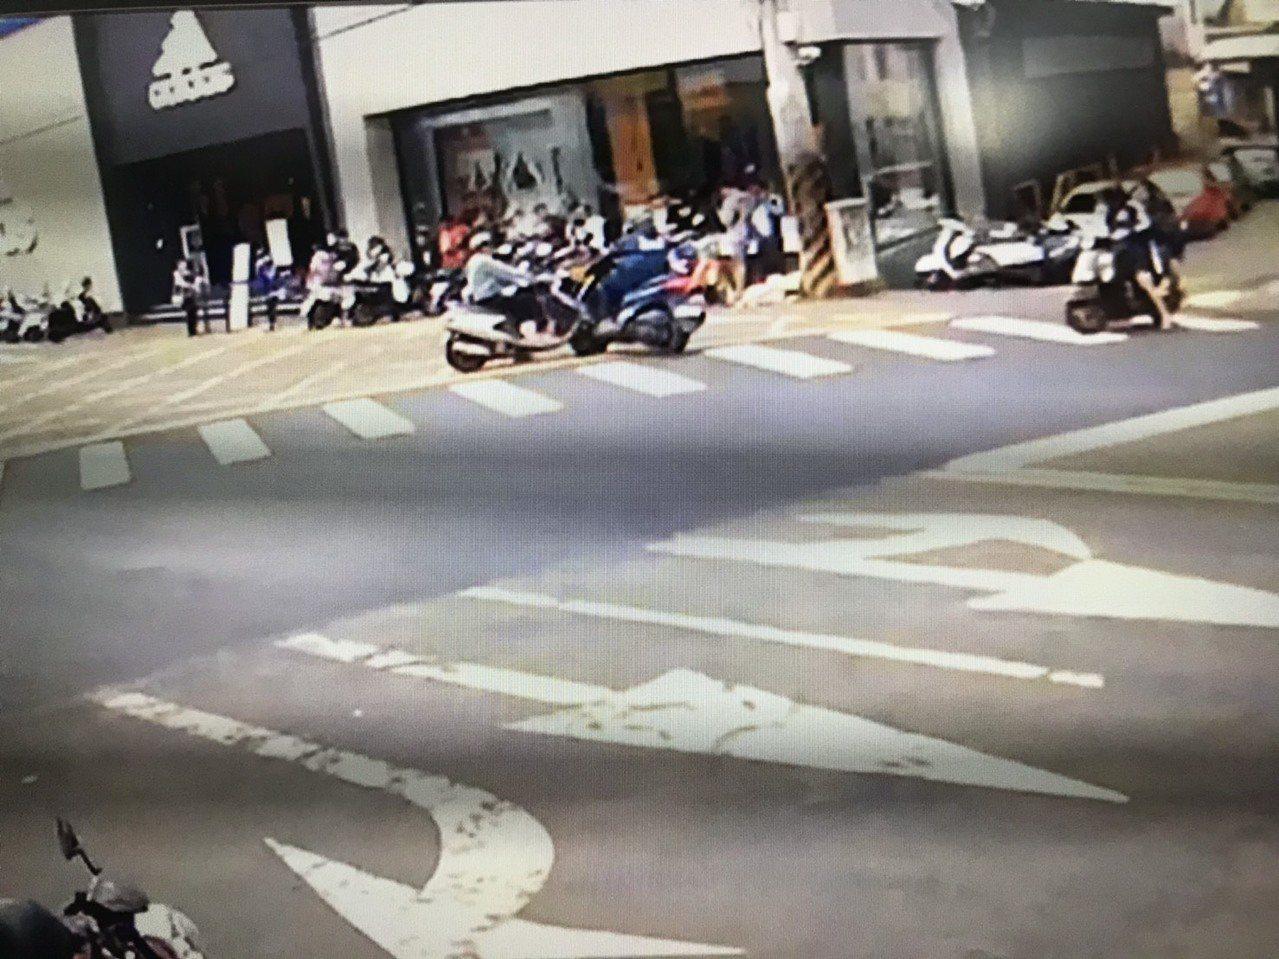 廖男機車與楊男機車發生碰撞,機車噴飛再撞一旁欲購買運動潮鞋排隊人龍,總共造成7人...